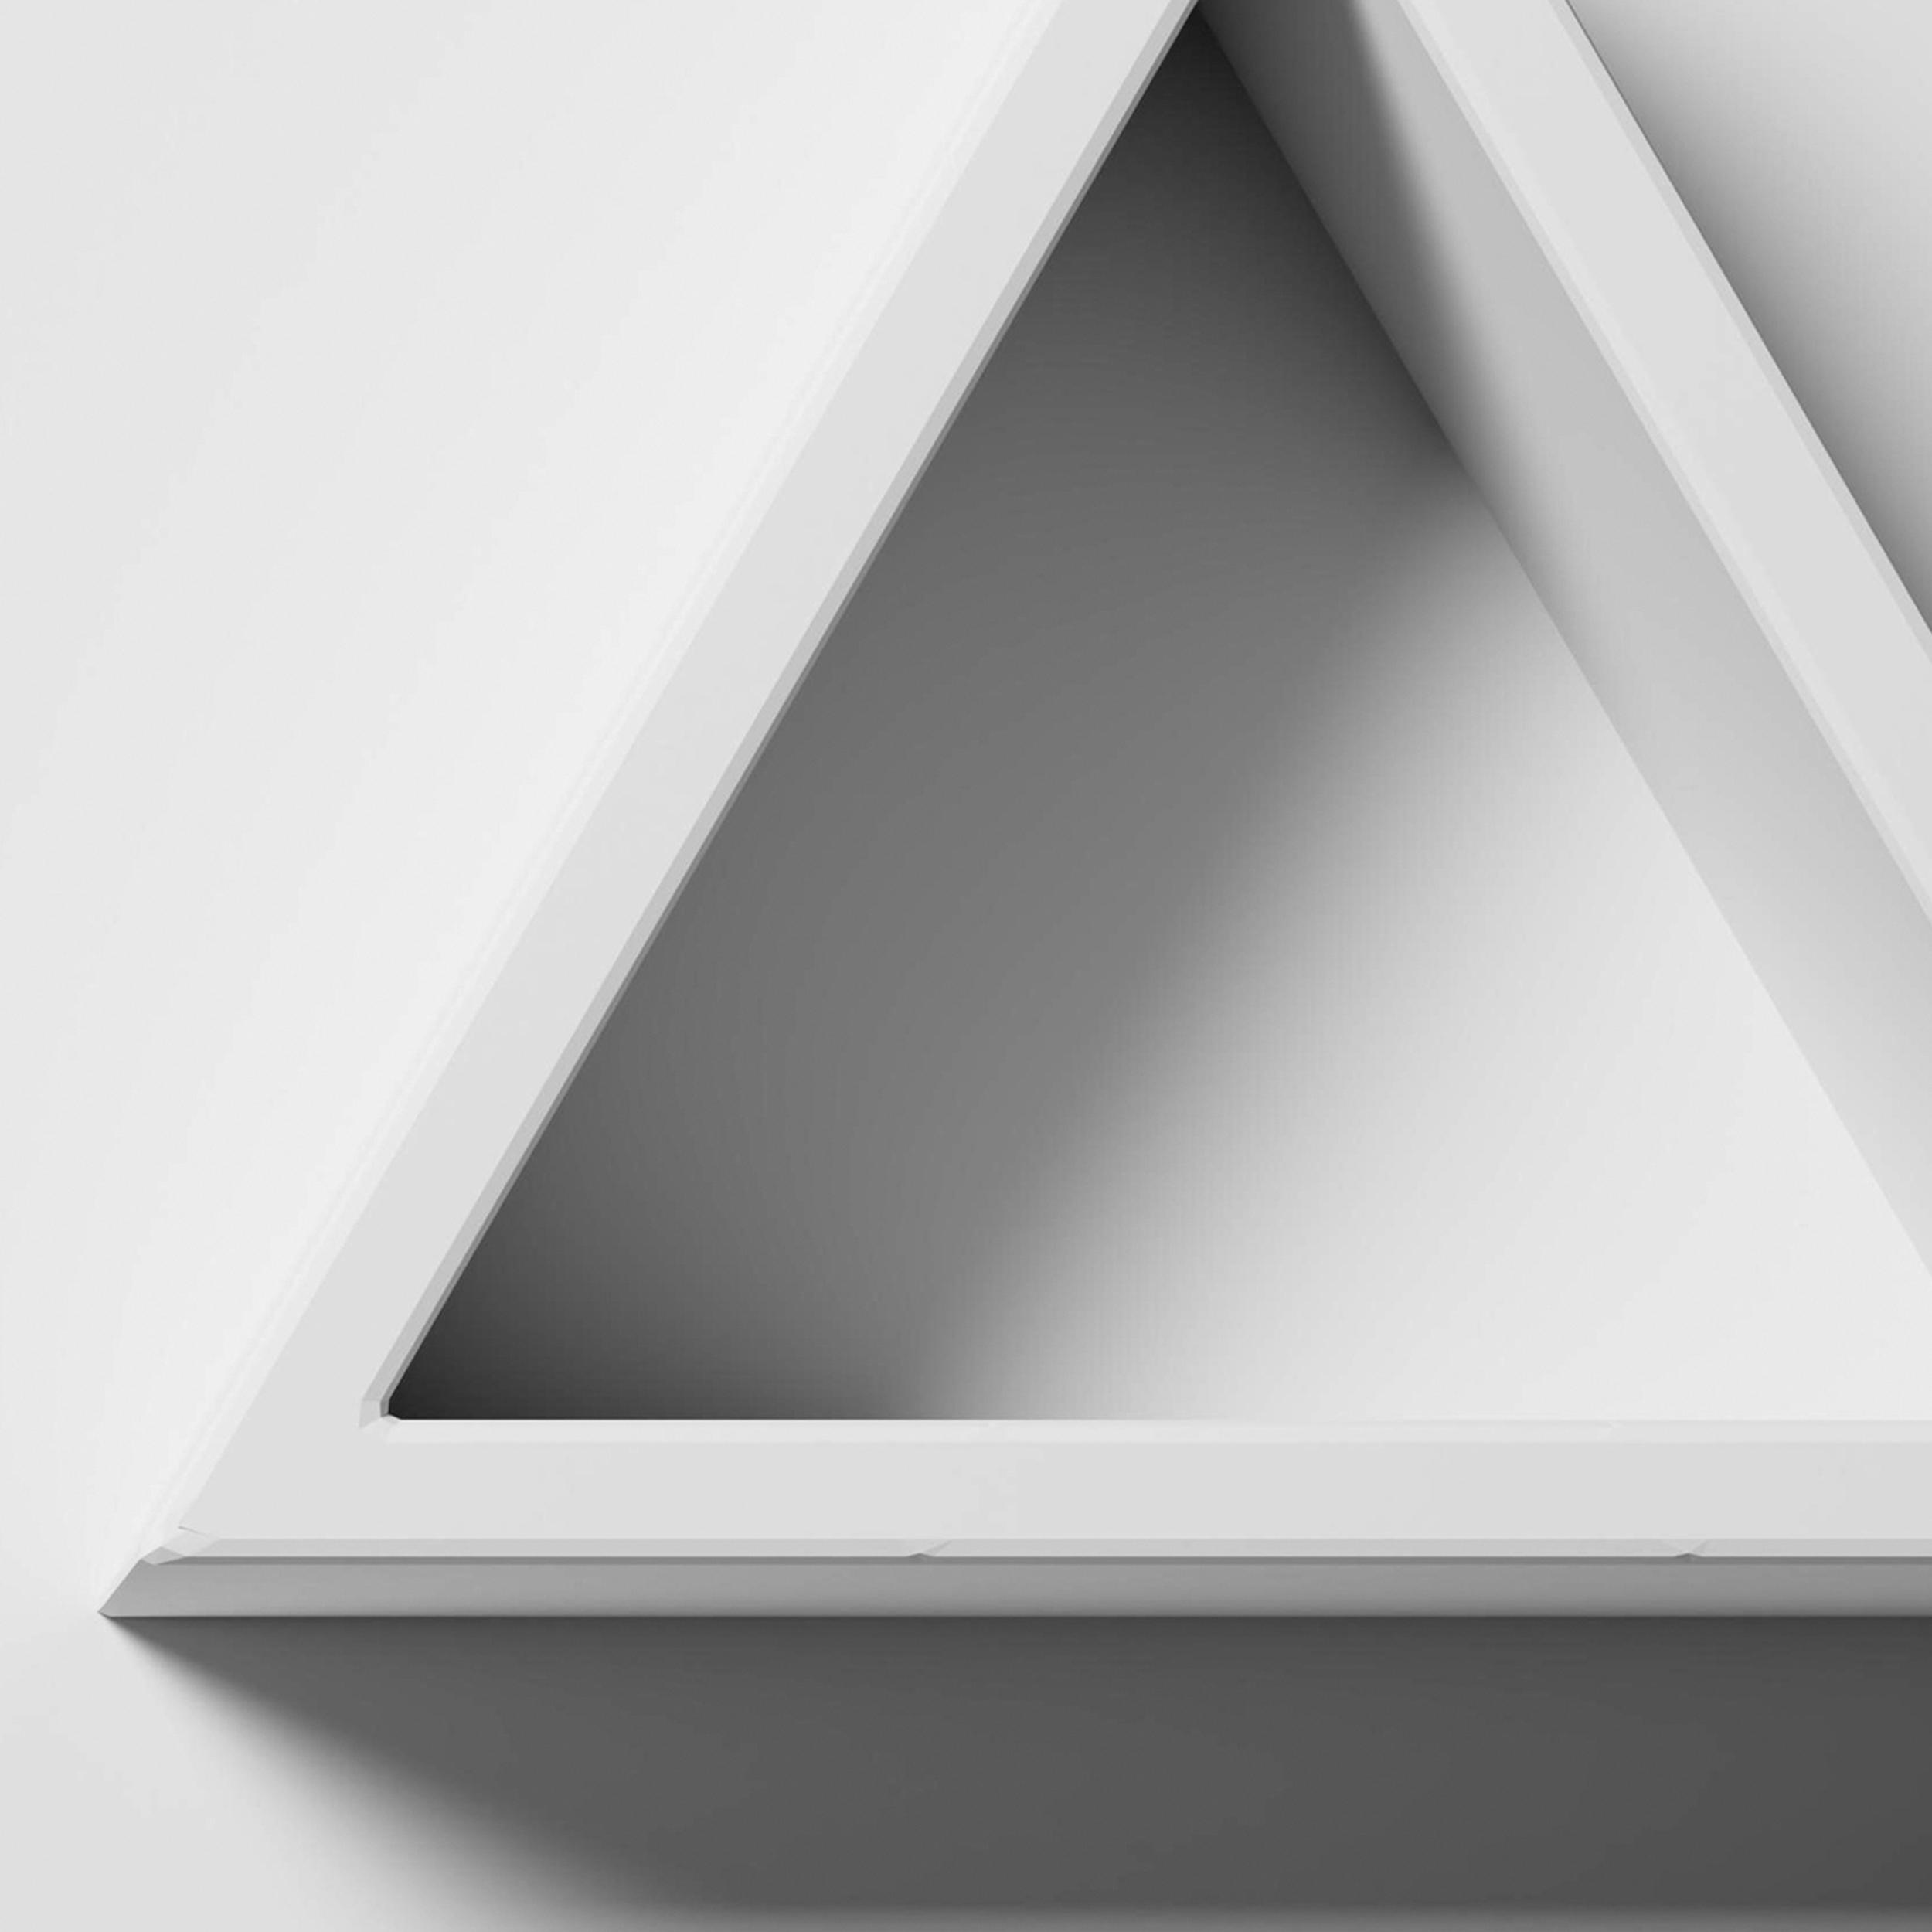 Indexbild 10 - Leinwand DEKO BILDER Spieler PlayStation Wandbild XXL Wohnzimmer Abstrakt 4Motiv